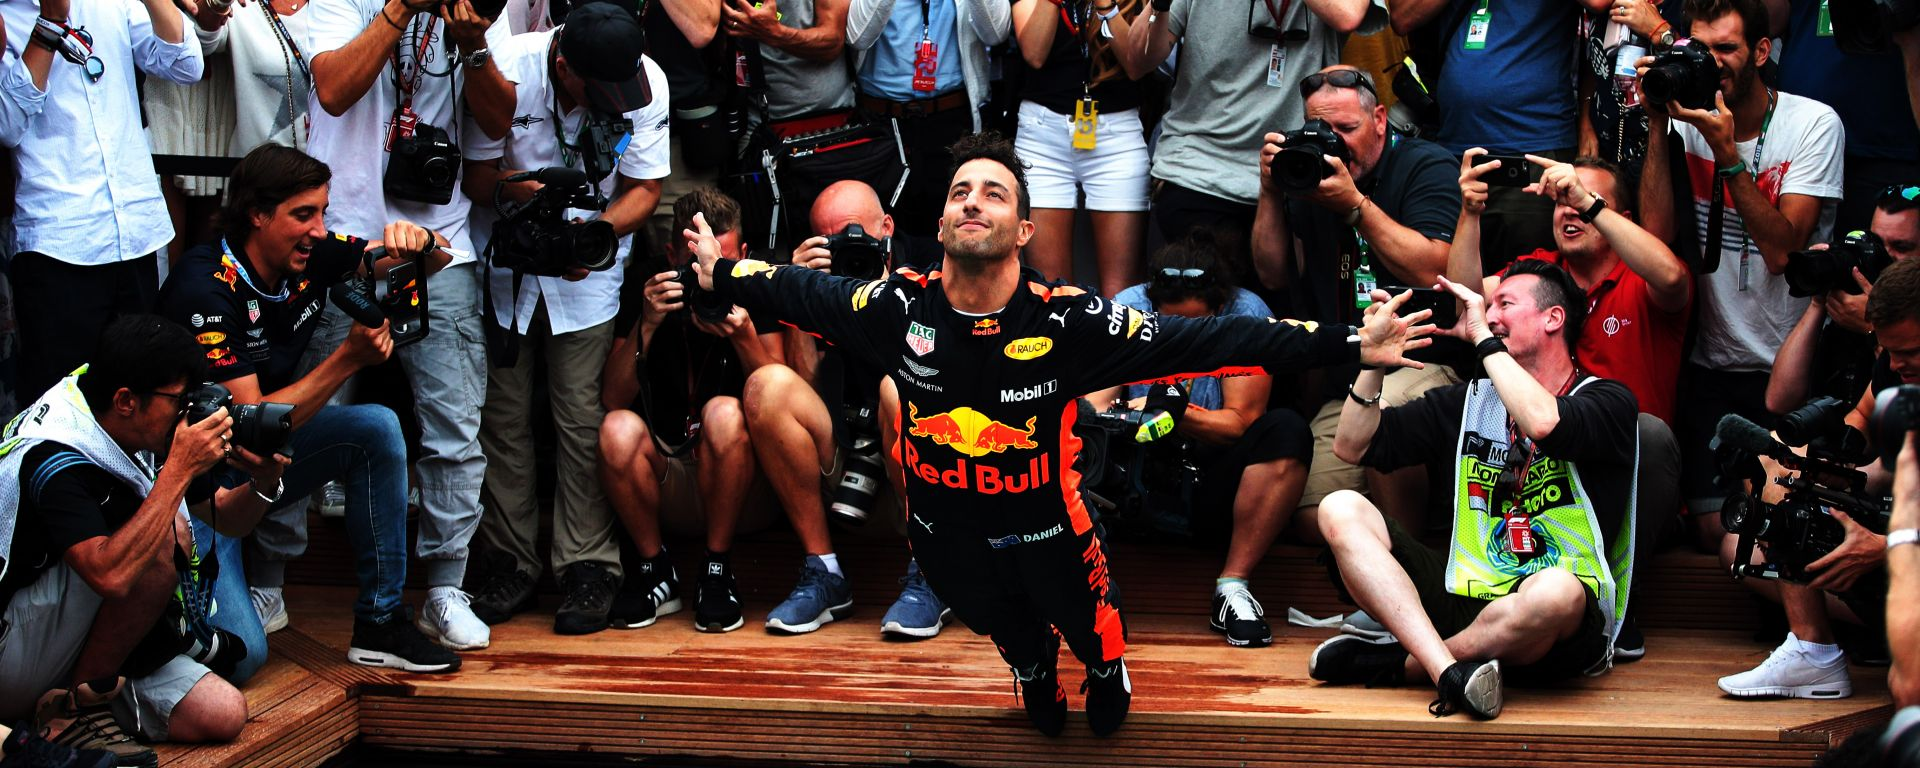 F1 GP Monaco 2018, Monte Carlo: i festeggiamenti di Daniel Ricciardo (Red Bull) al termine della gara